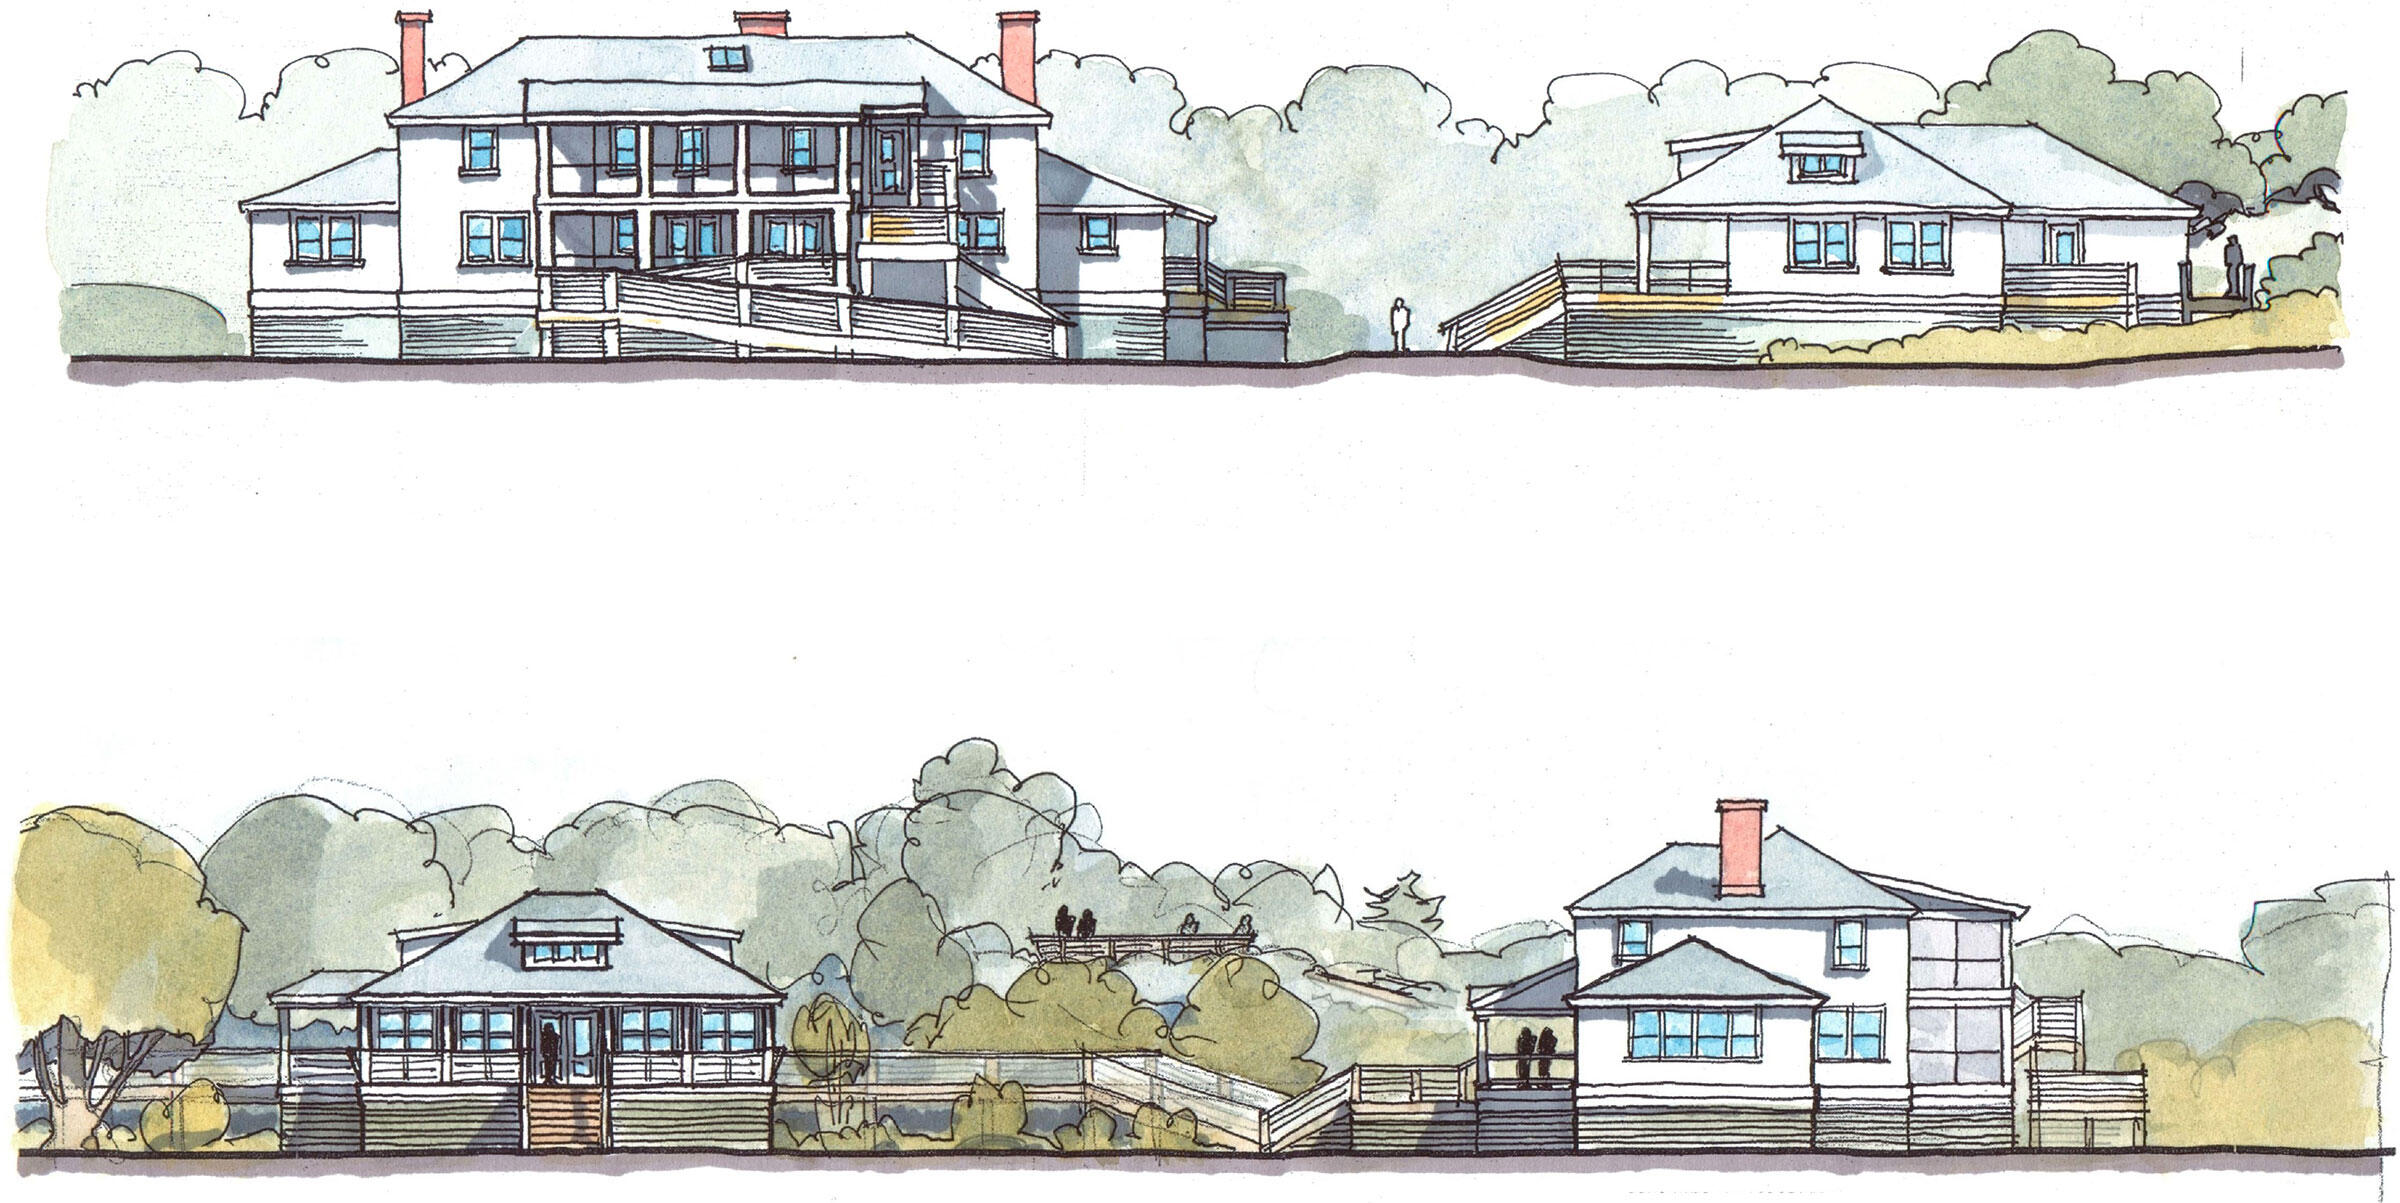 Audubon Carolina del Norte planea elevar la histórica cabaña de caza y otras estructuras mientras convierte a Pine Island en un centro de investigaciones de resiliencia costera. Render: Chip Hemingway/Bowman Murray Hemingway Arquitectos